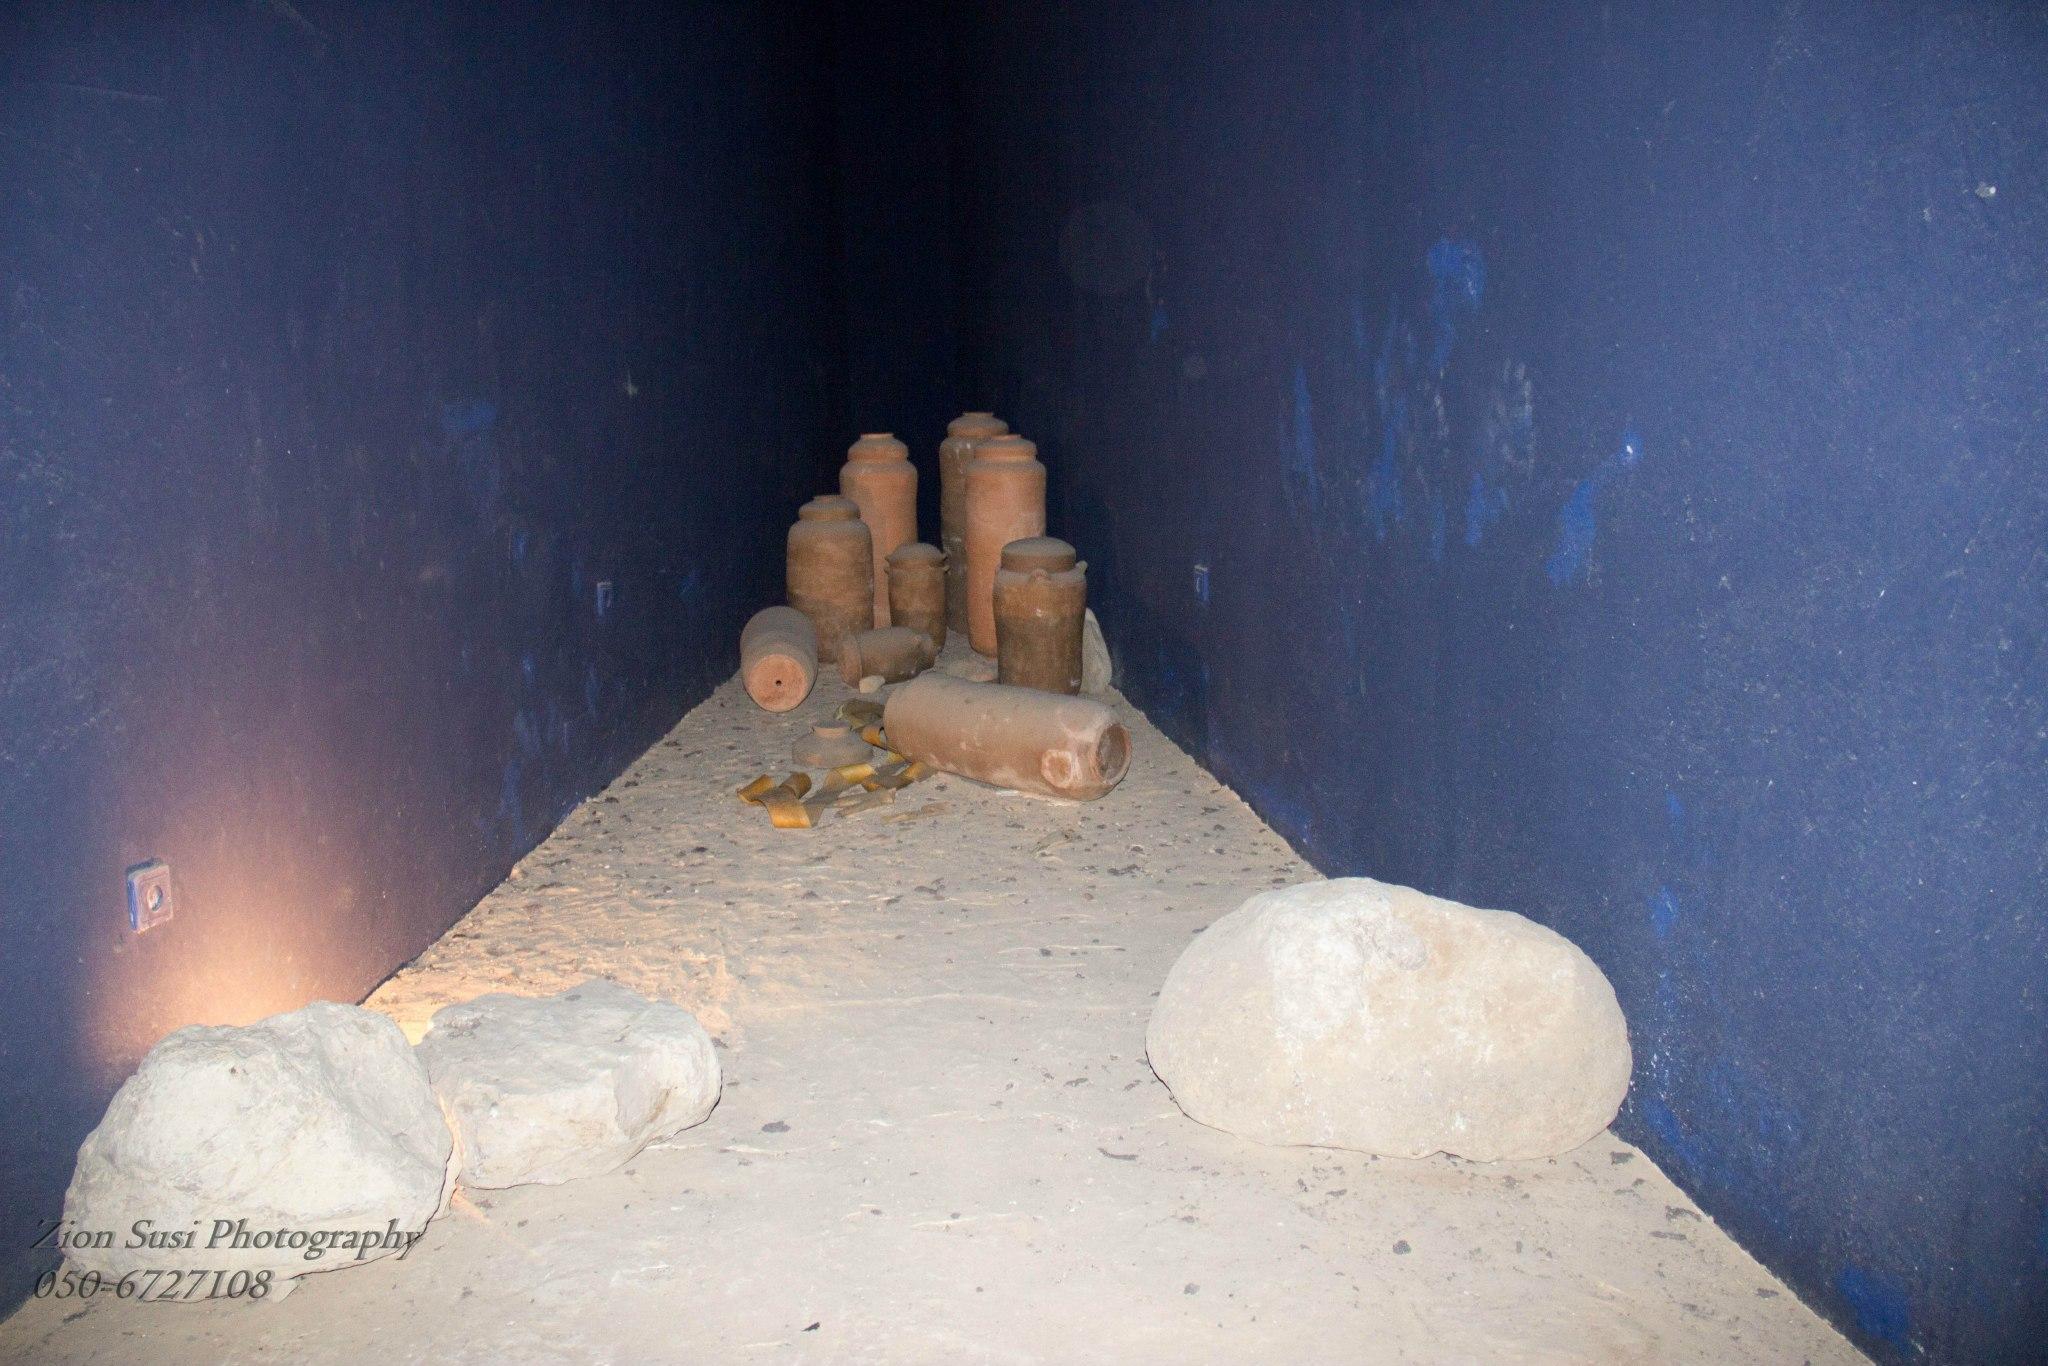 חלק מהכלים שבהם השתמה כת היחד שנמצאו בקומארן.